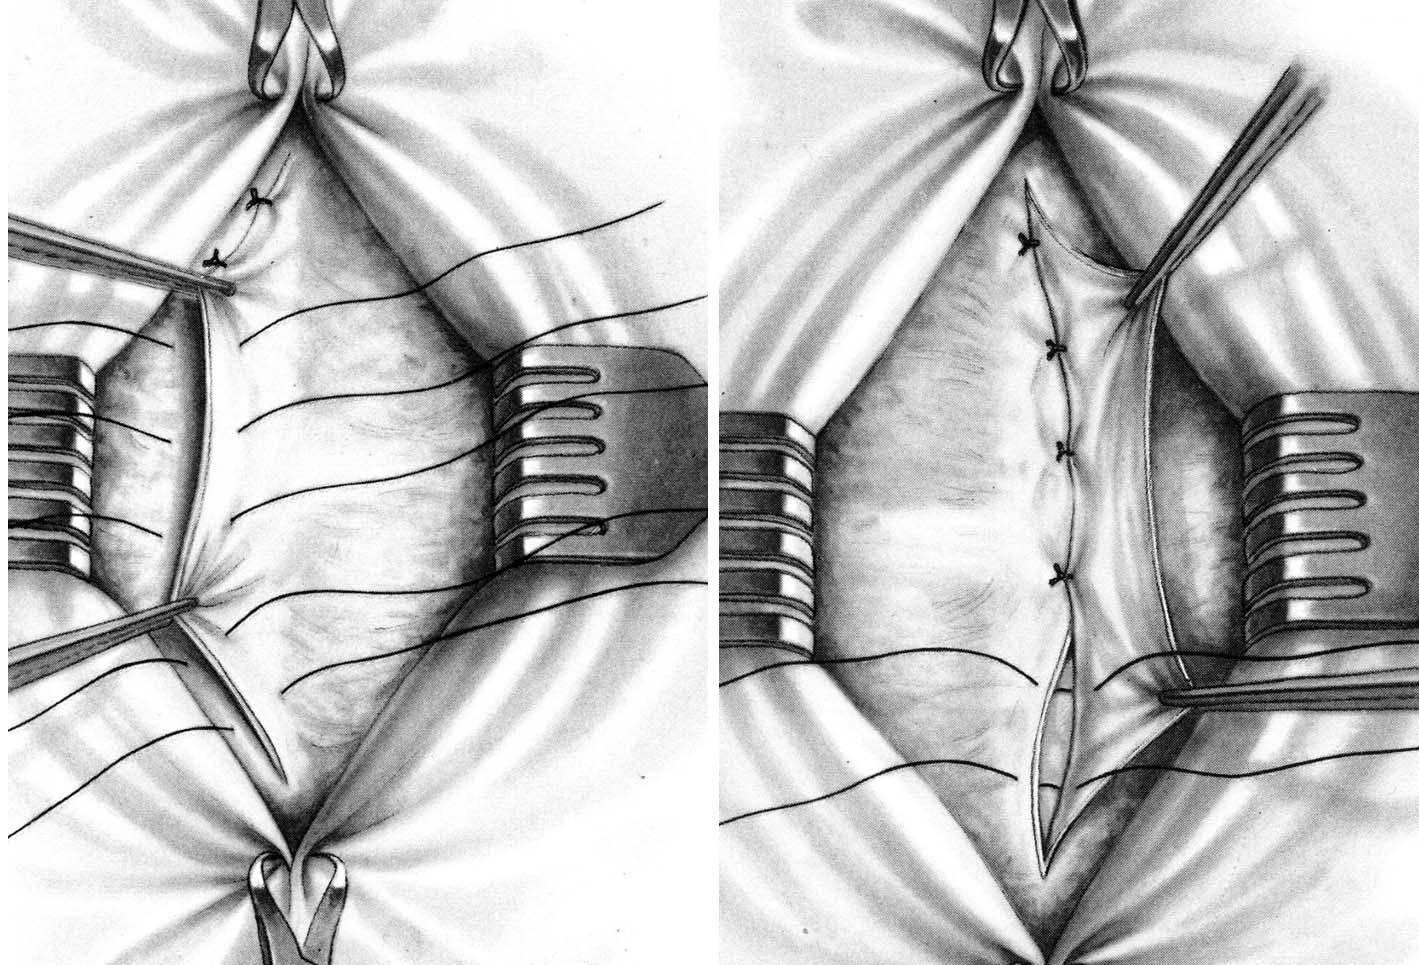 Пупочная грыжа у детей: фото, симптомы, лечение без операции и удаление